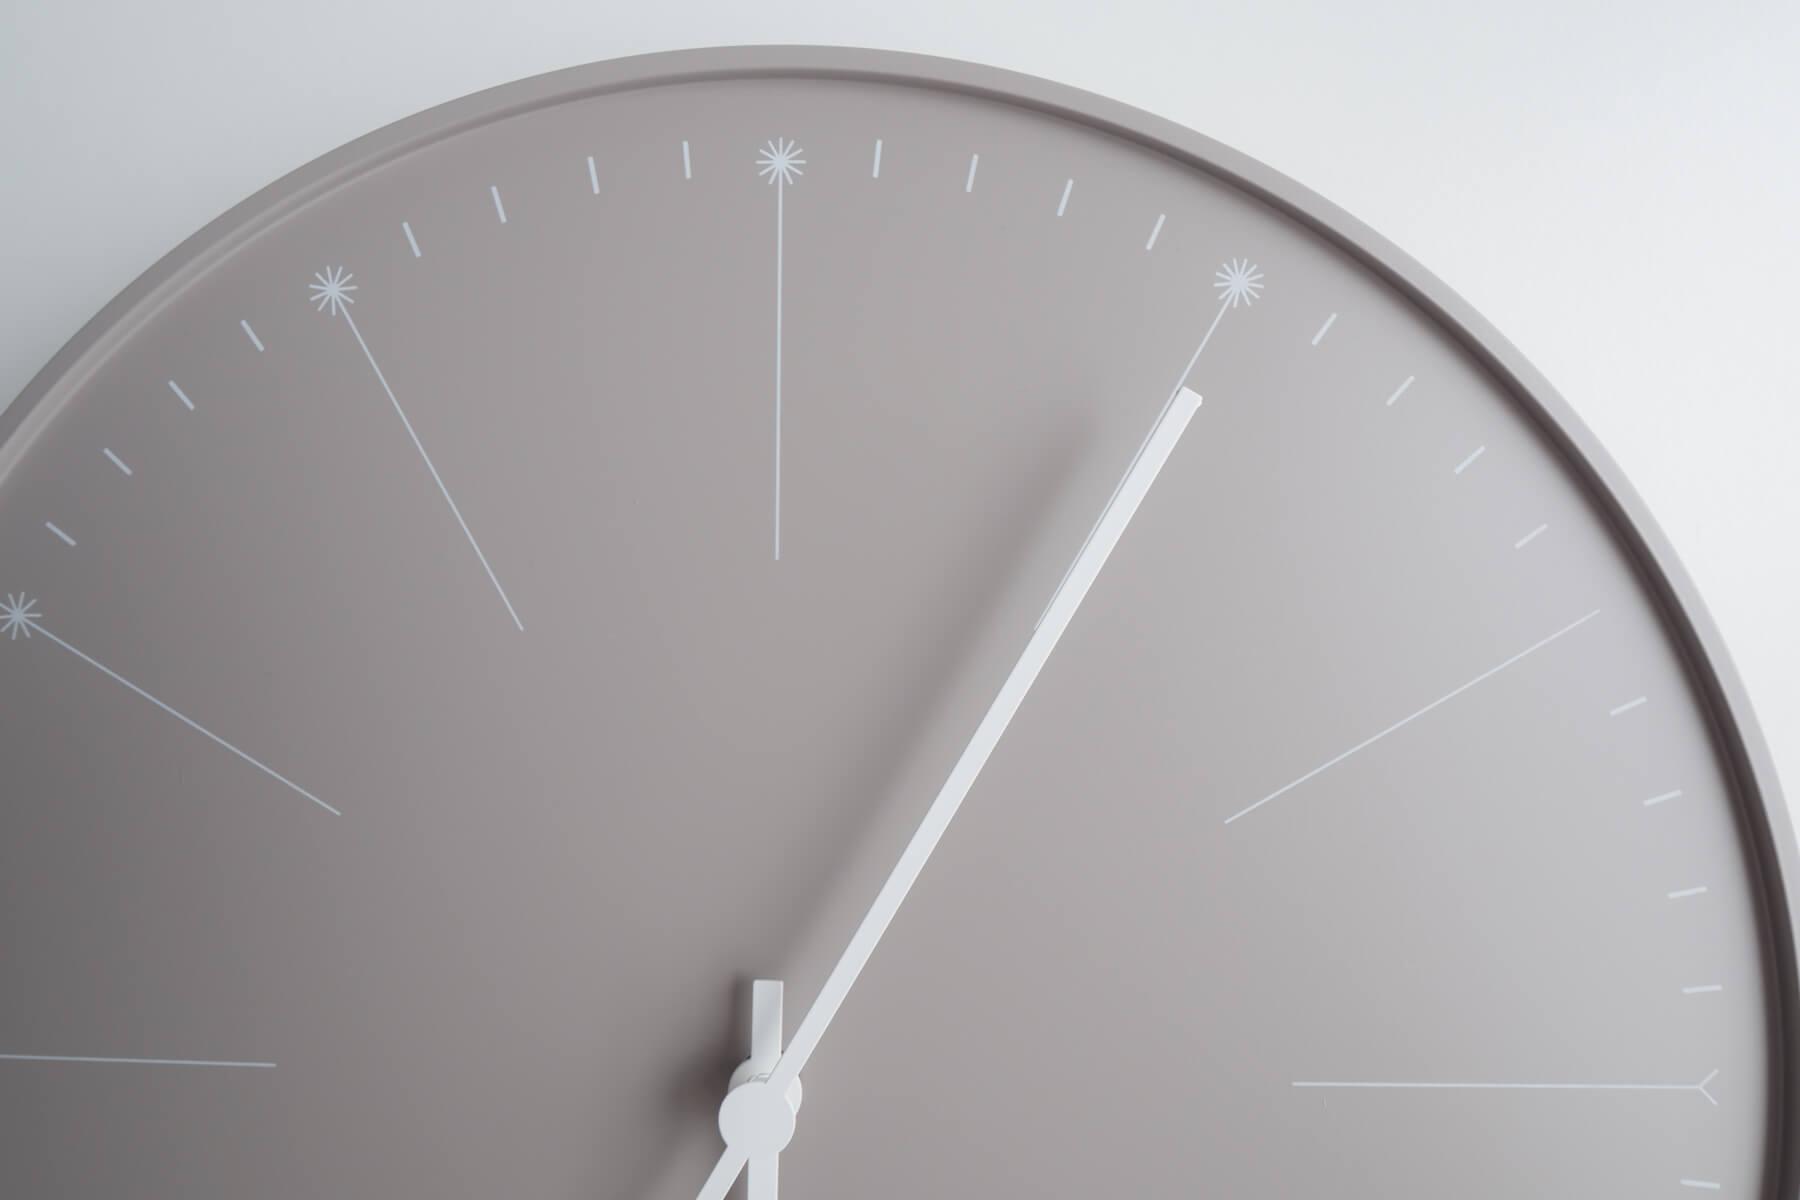 カバーの無い外観で時針と分針がむき出し状態になっている裸剣時計